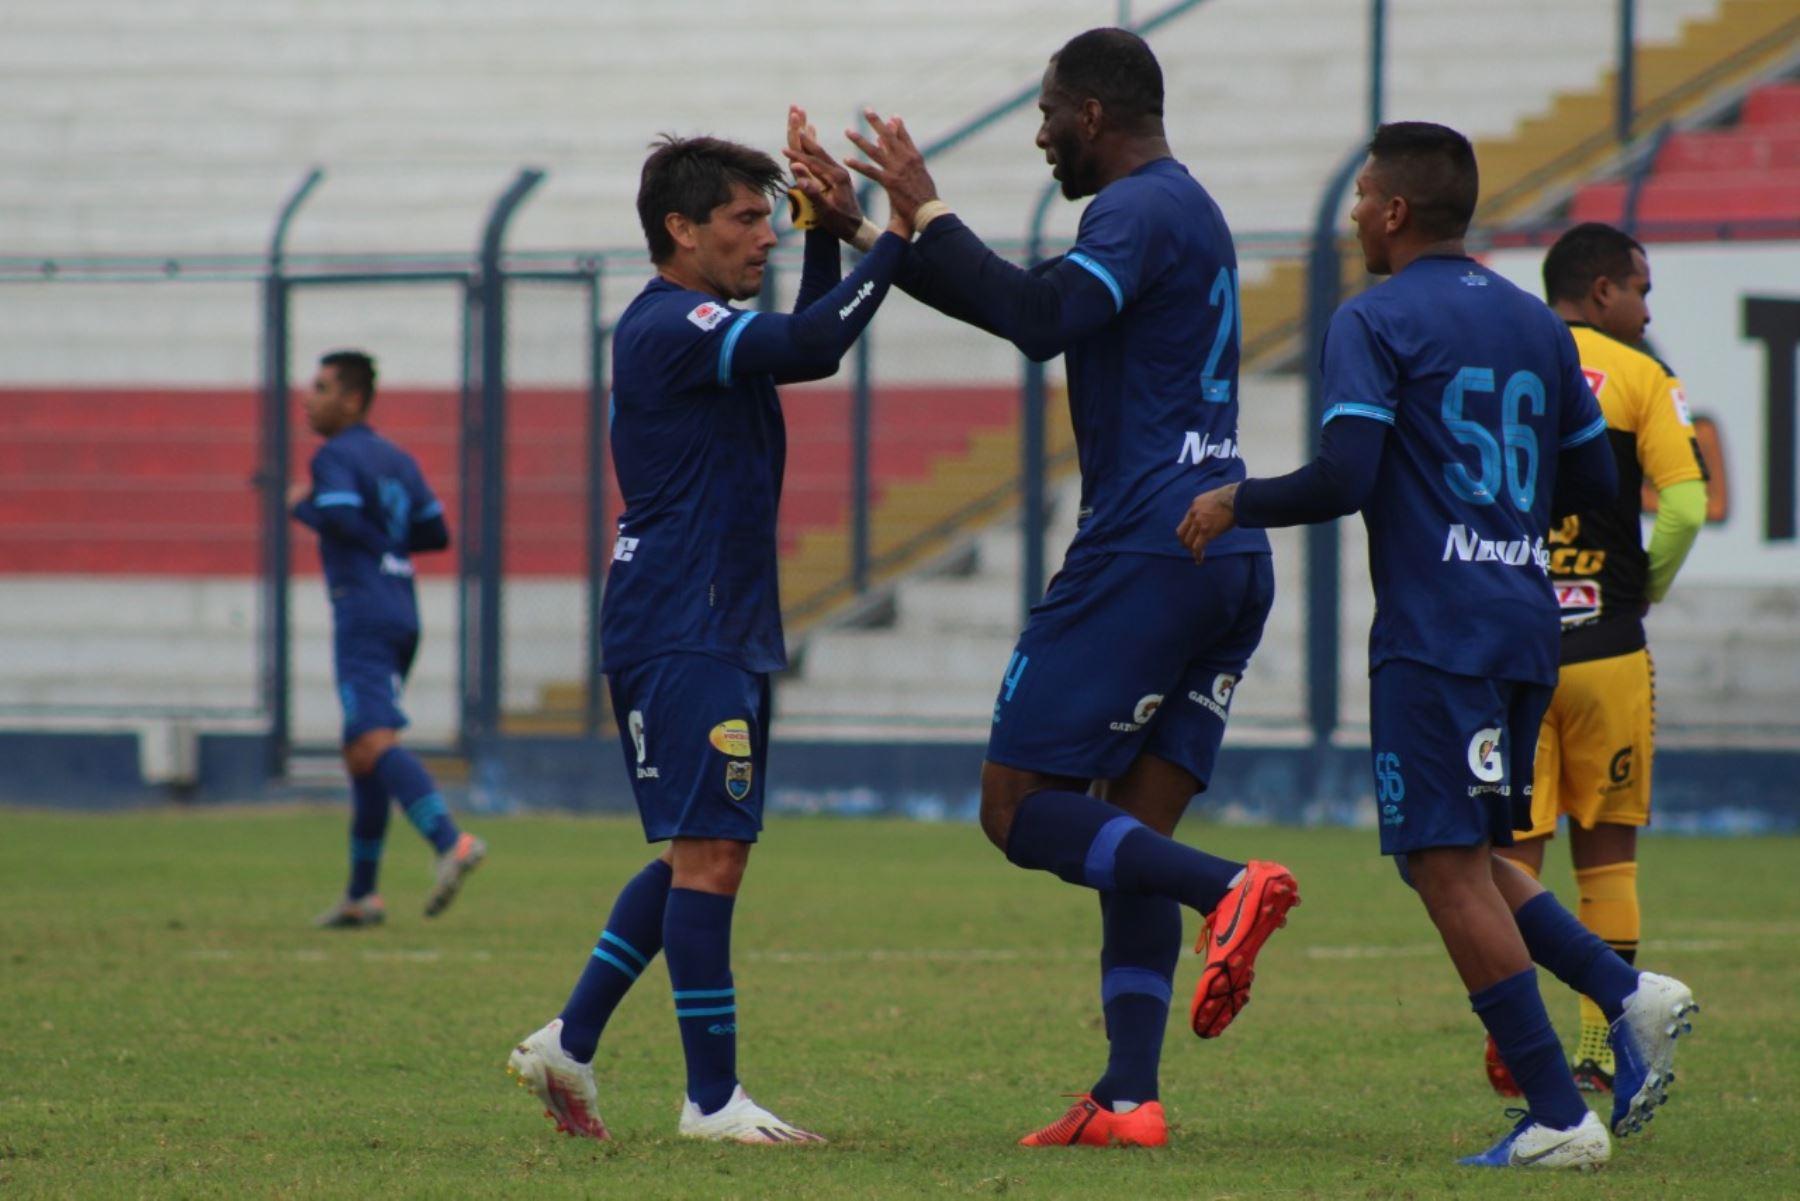 El futbolista Janeiler Rivas de Carlos Stein celebra junto a su compañero tras anotar el empate ante Cantolao por la fecha 15 de la Liga 1, en el estadio Iván Elías Moreno. @LigaFutProf